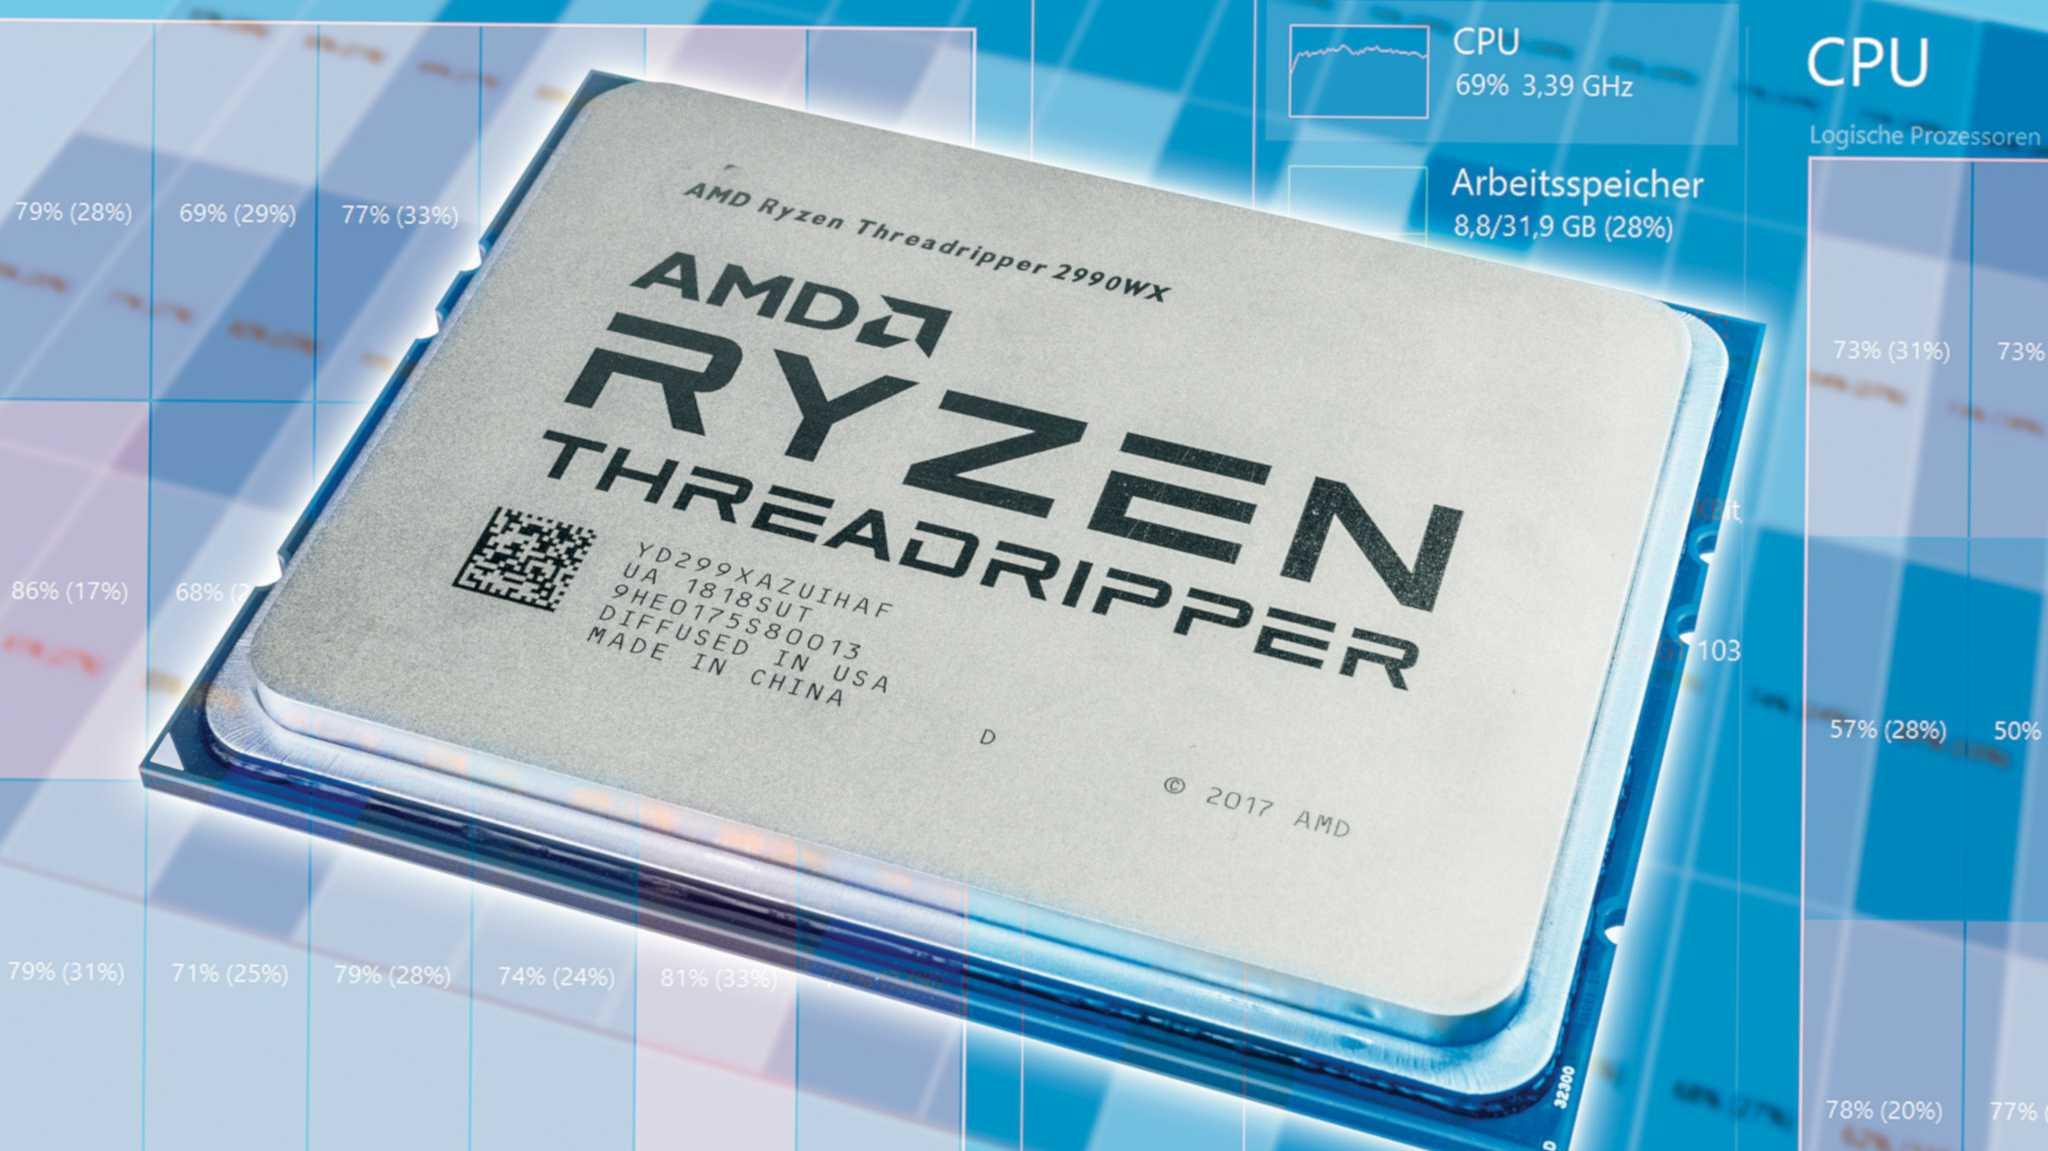 AMD verdient weniger, aber mit positiven Aussichten